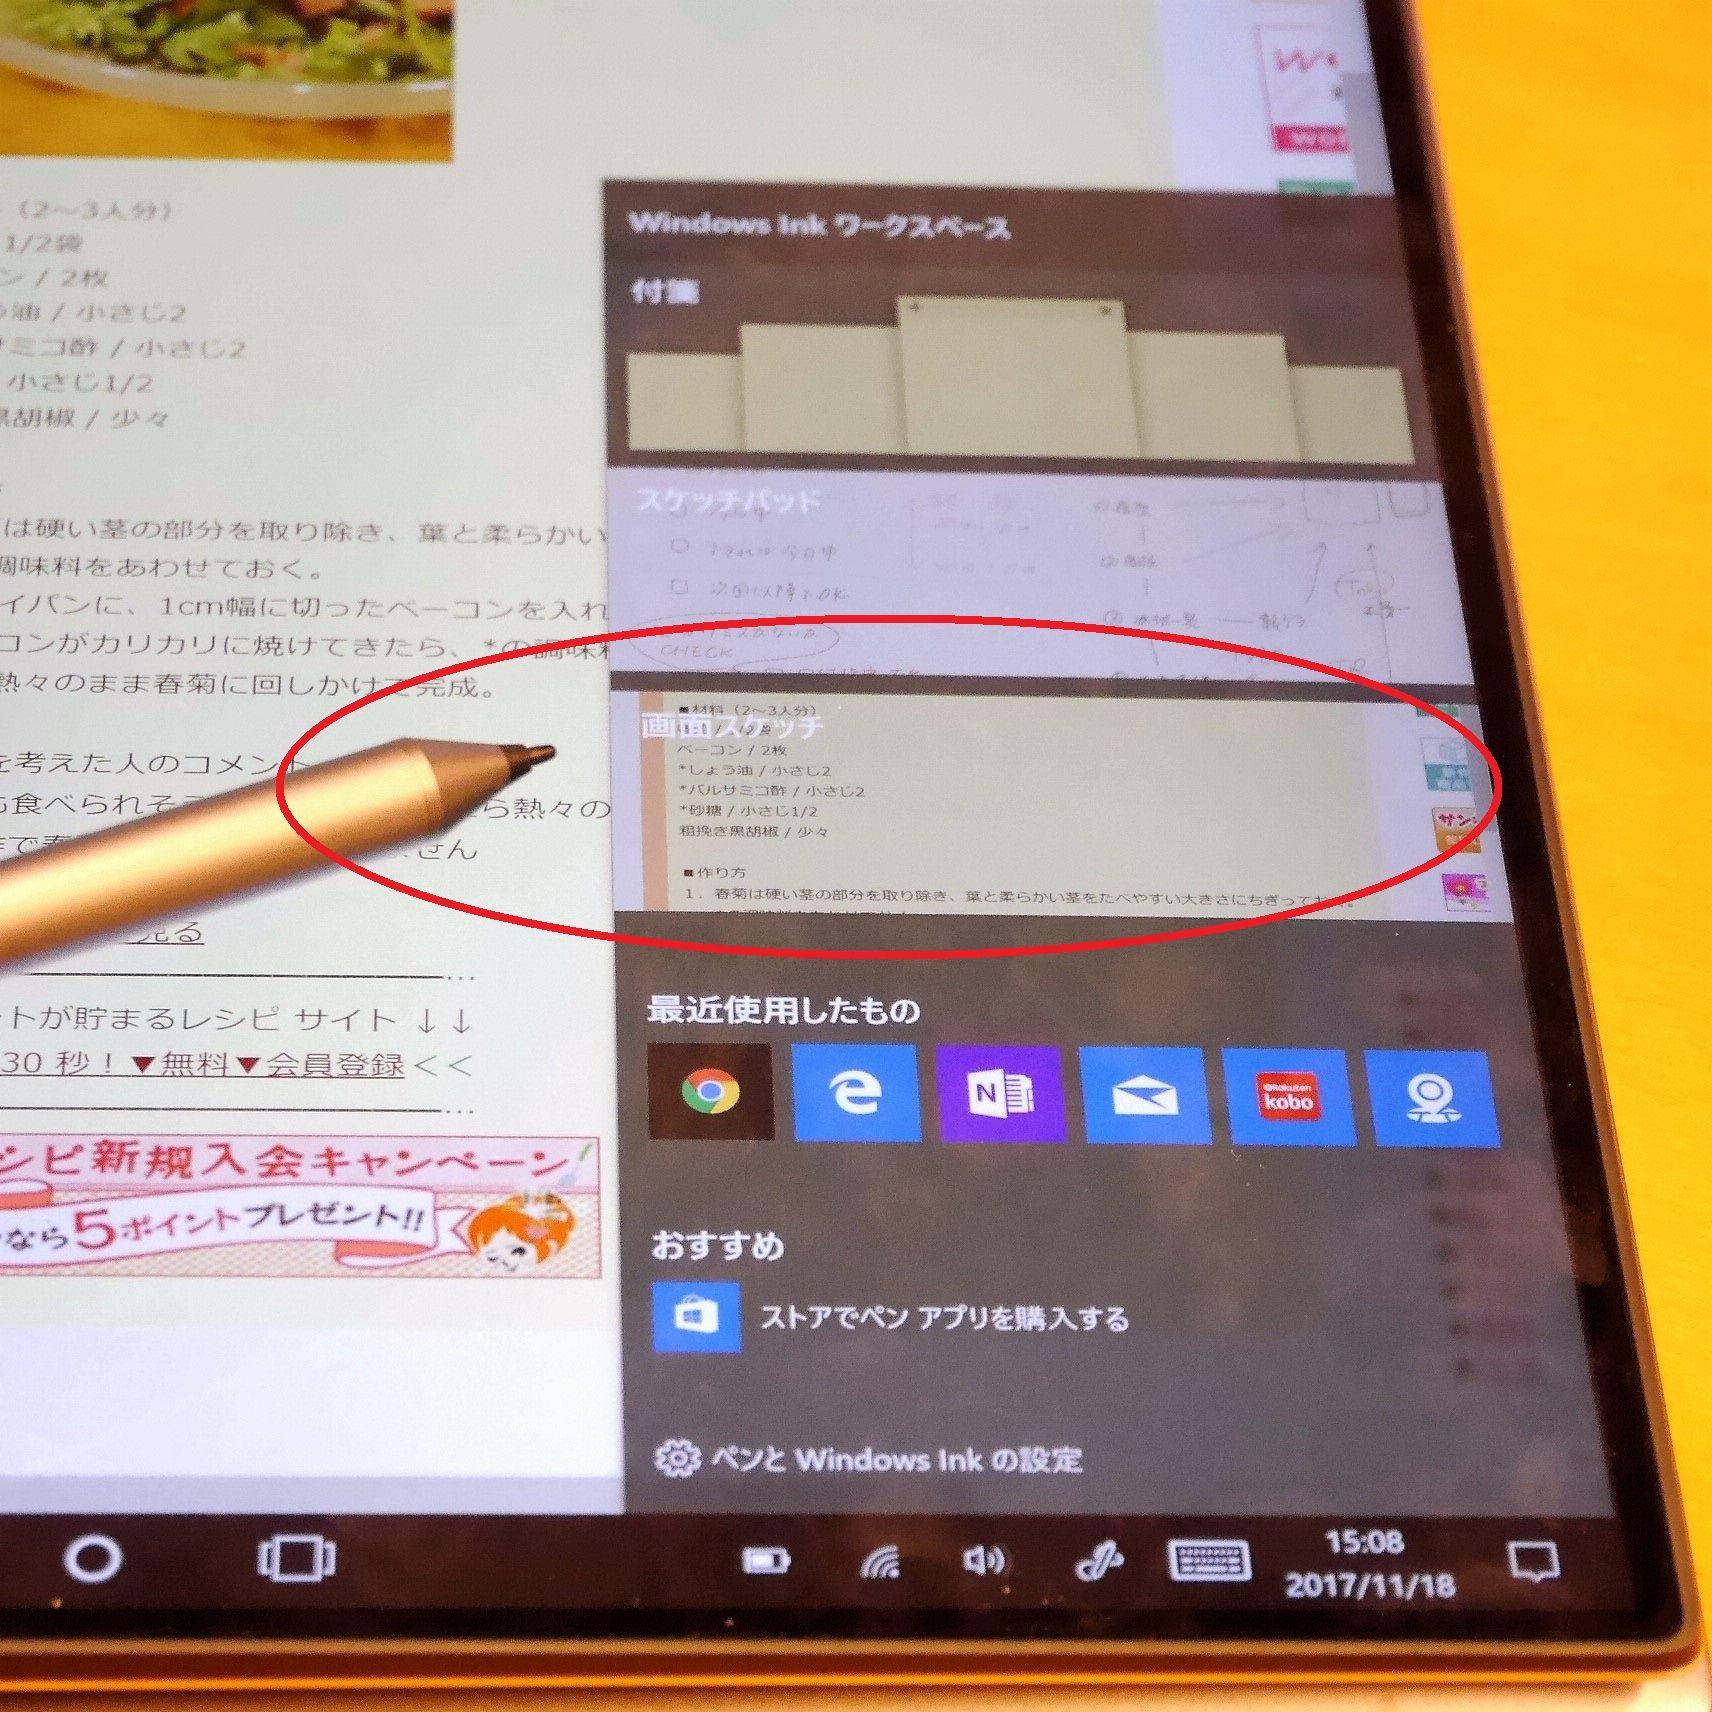 Dell_XPS_ペンアプリ起動_画面スケッチ